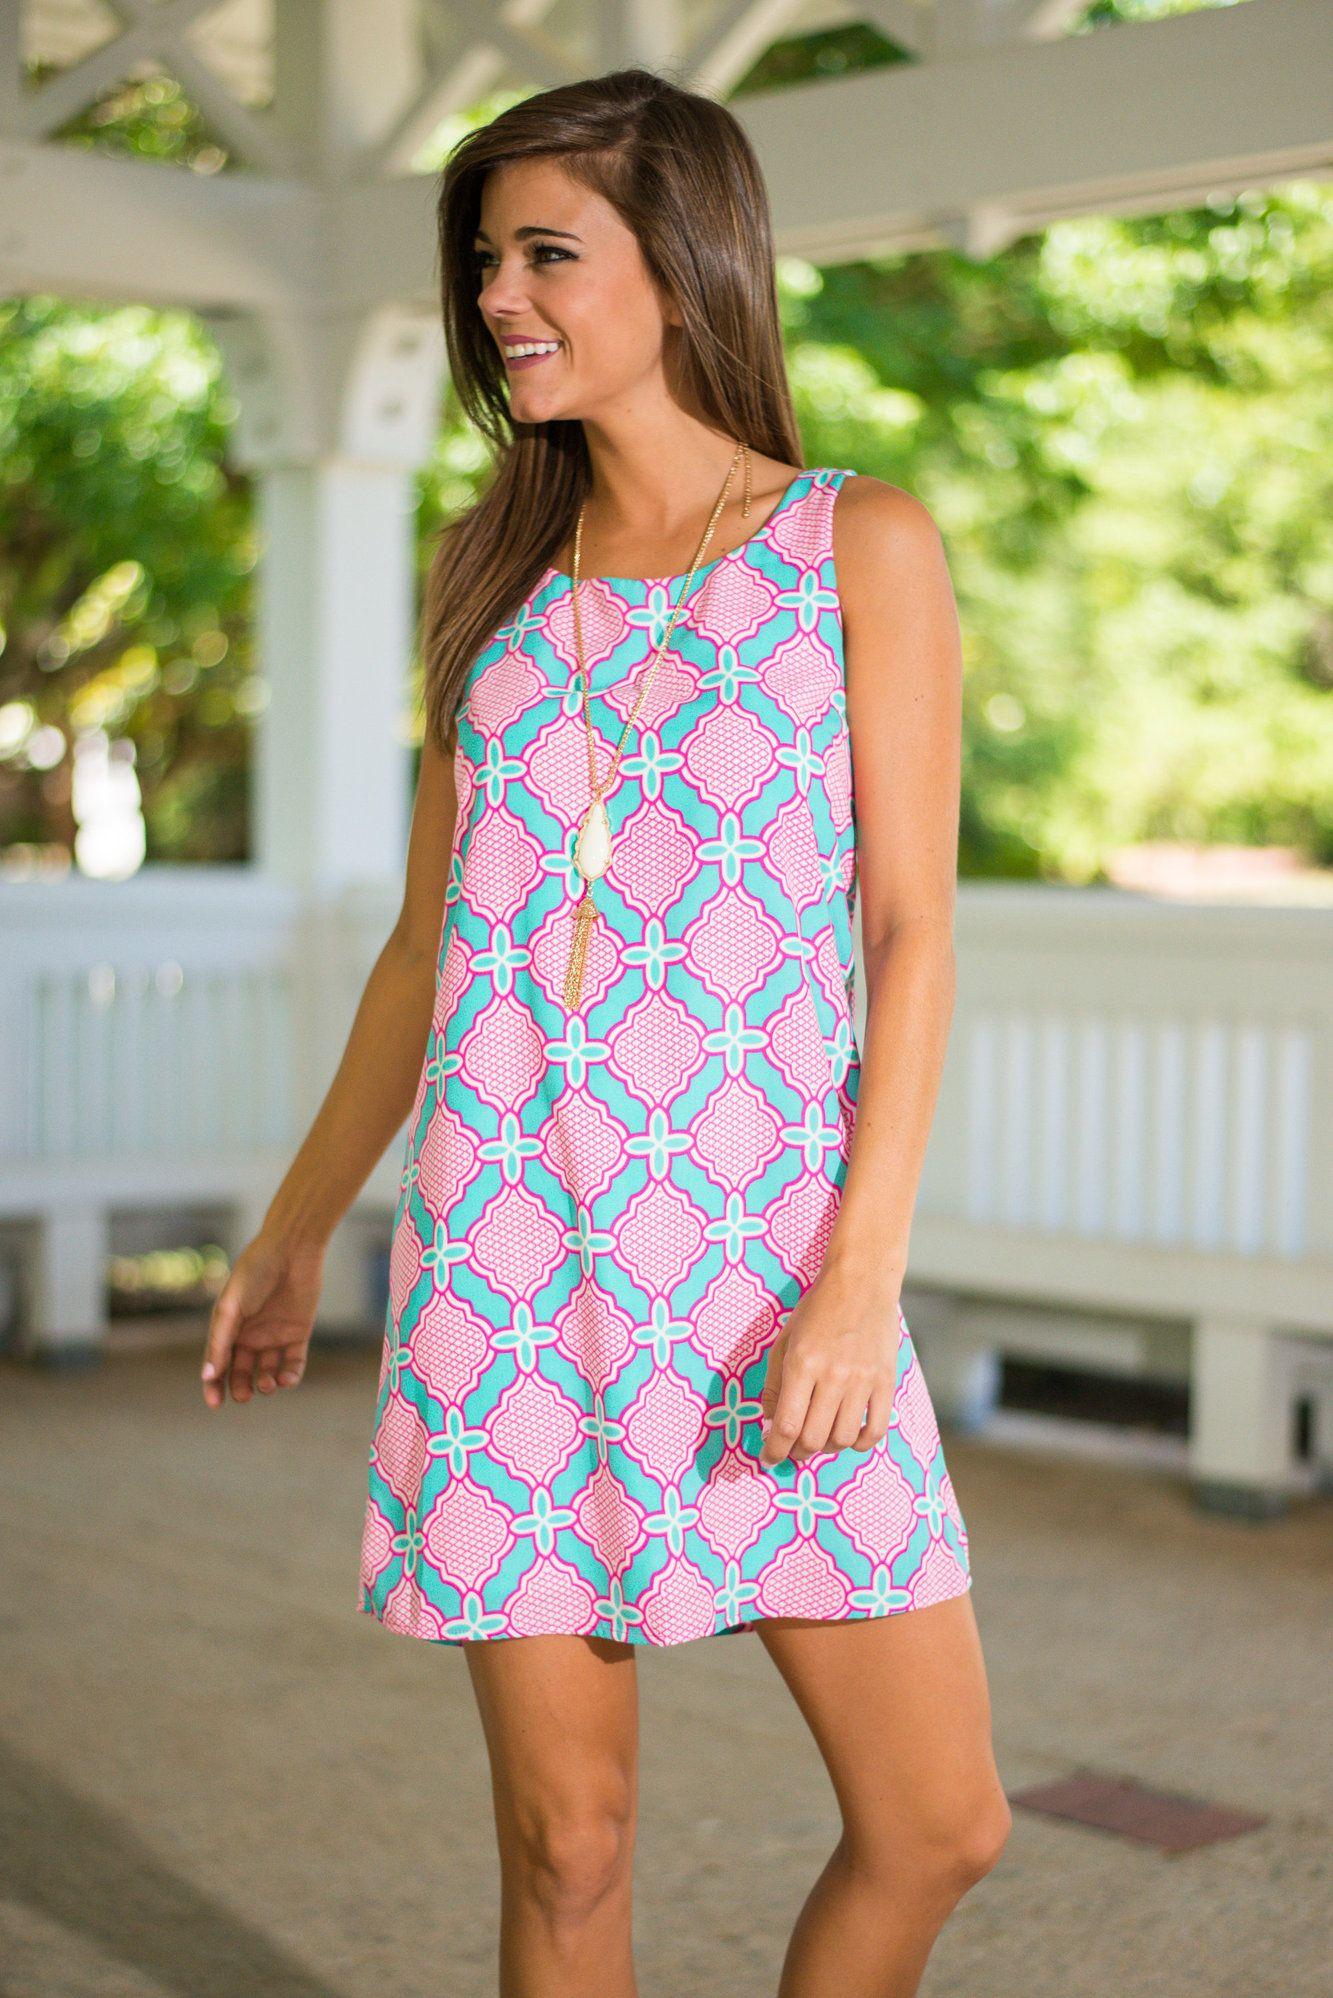 04689babba6 Shop Shift Dresses - The Mint Julep Boutique